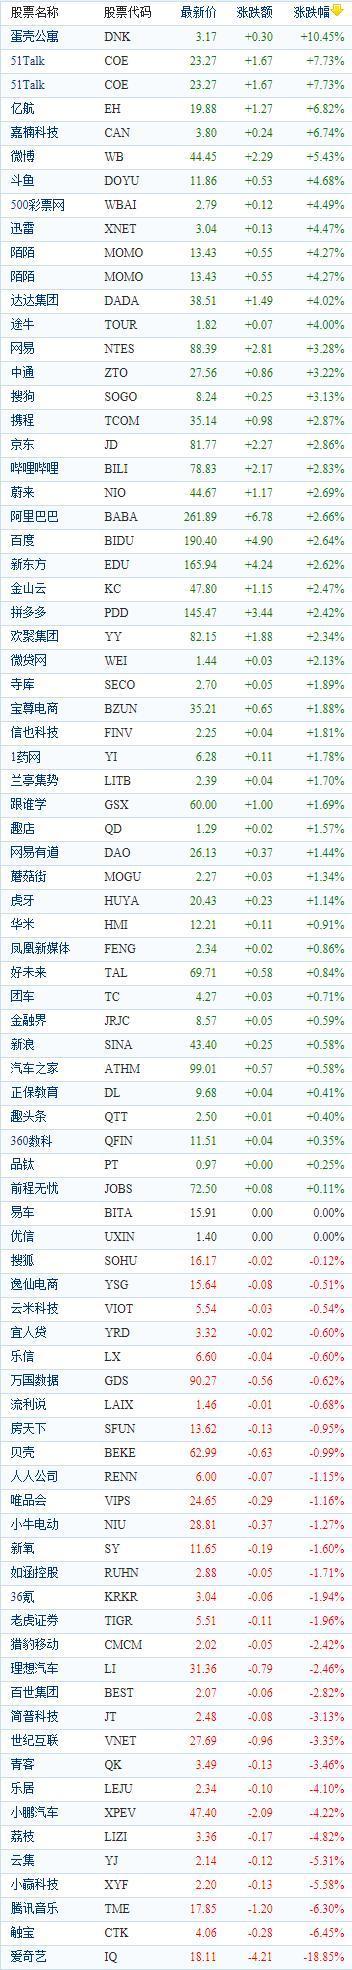 中国概念股周三收盘涨跌互现 爱奇艺重挫18.85%